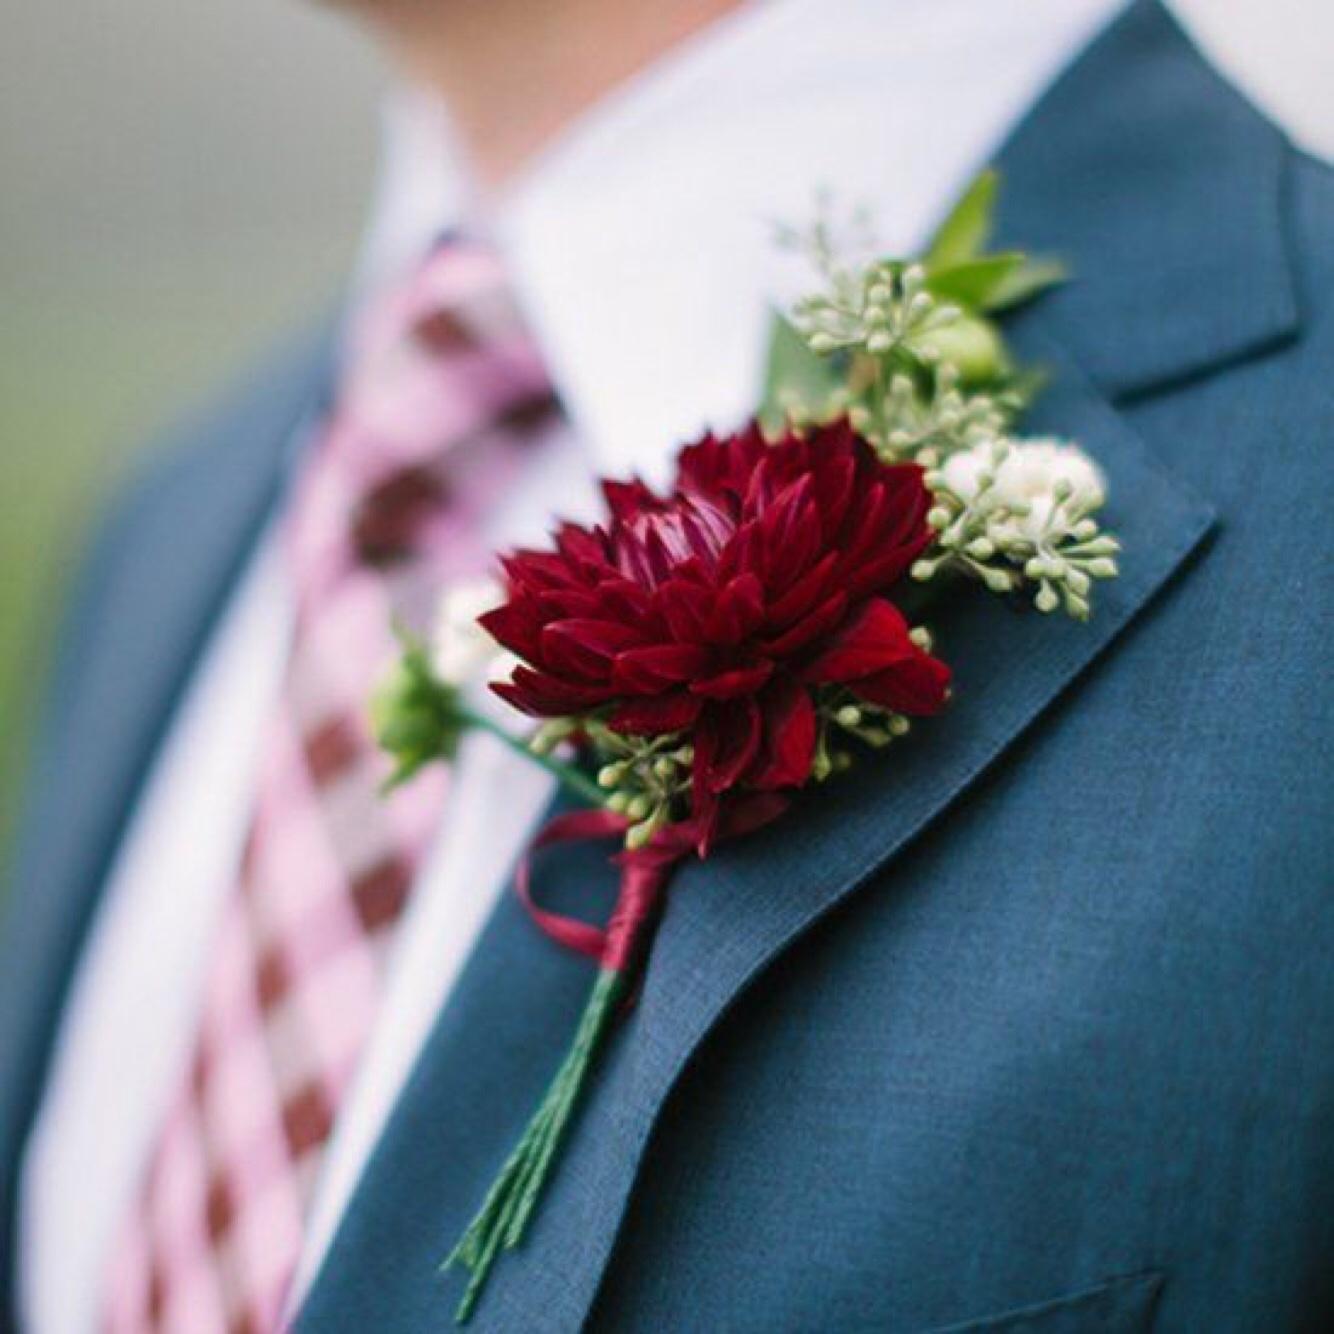 新郎新娘胸花戴法图片 胸花的正确戴法